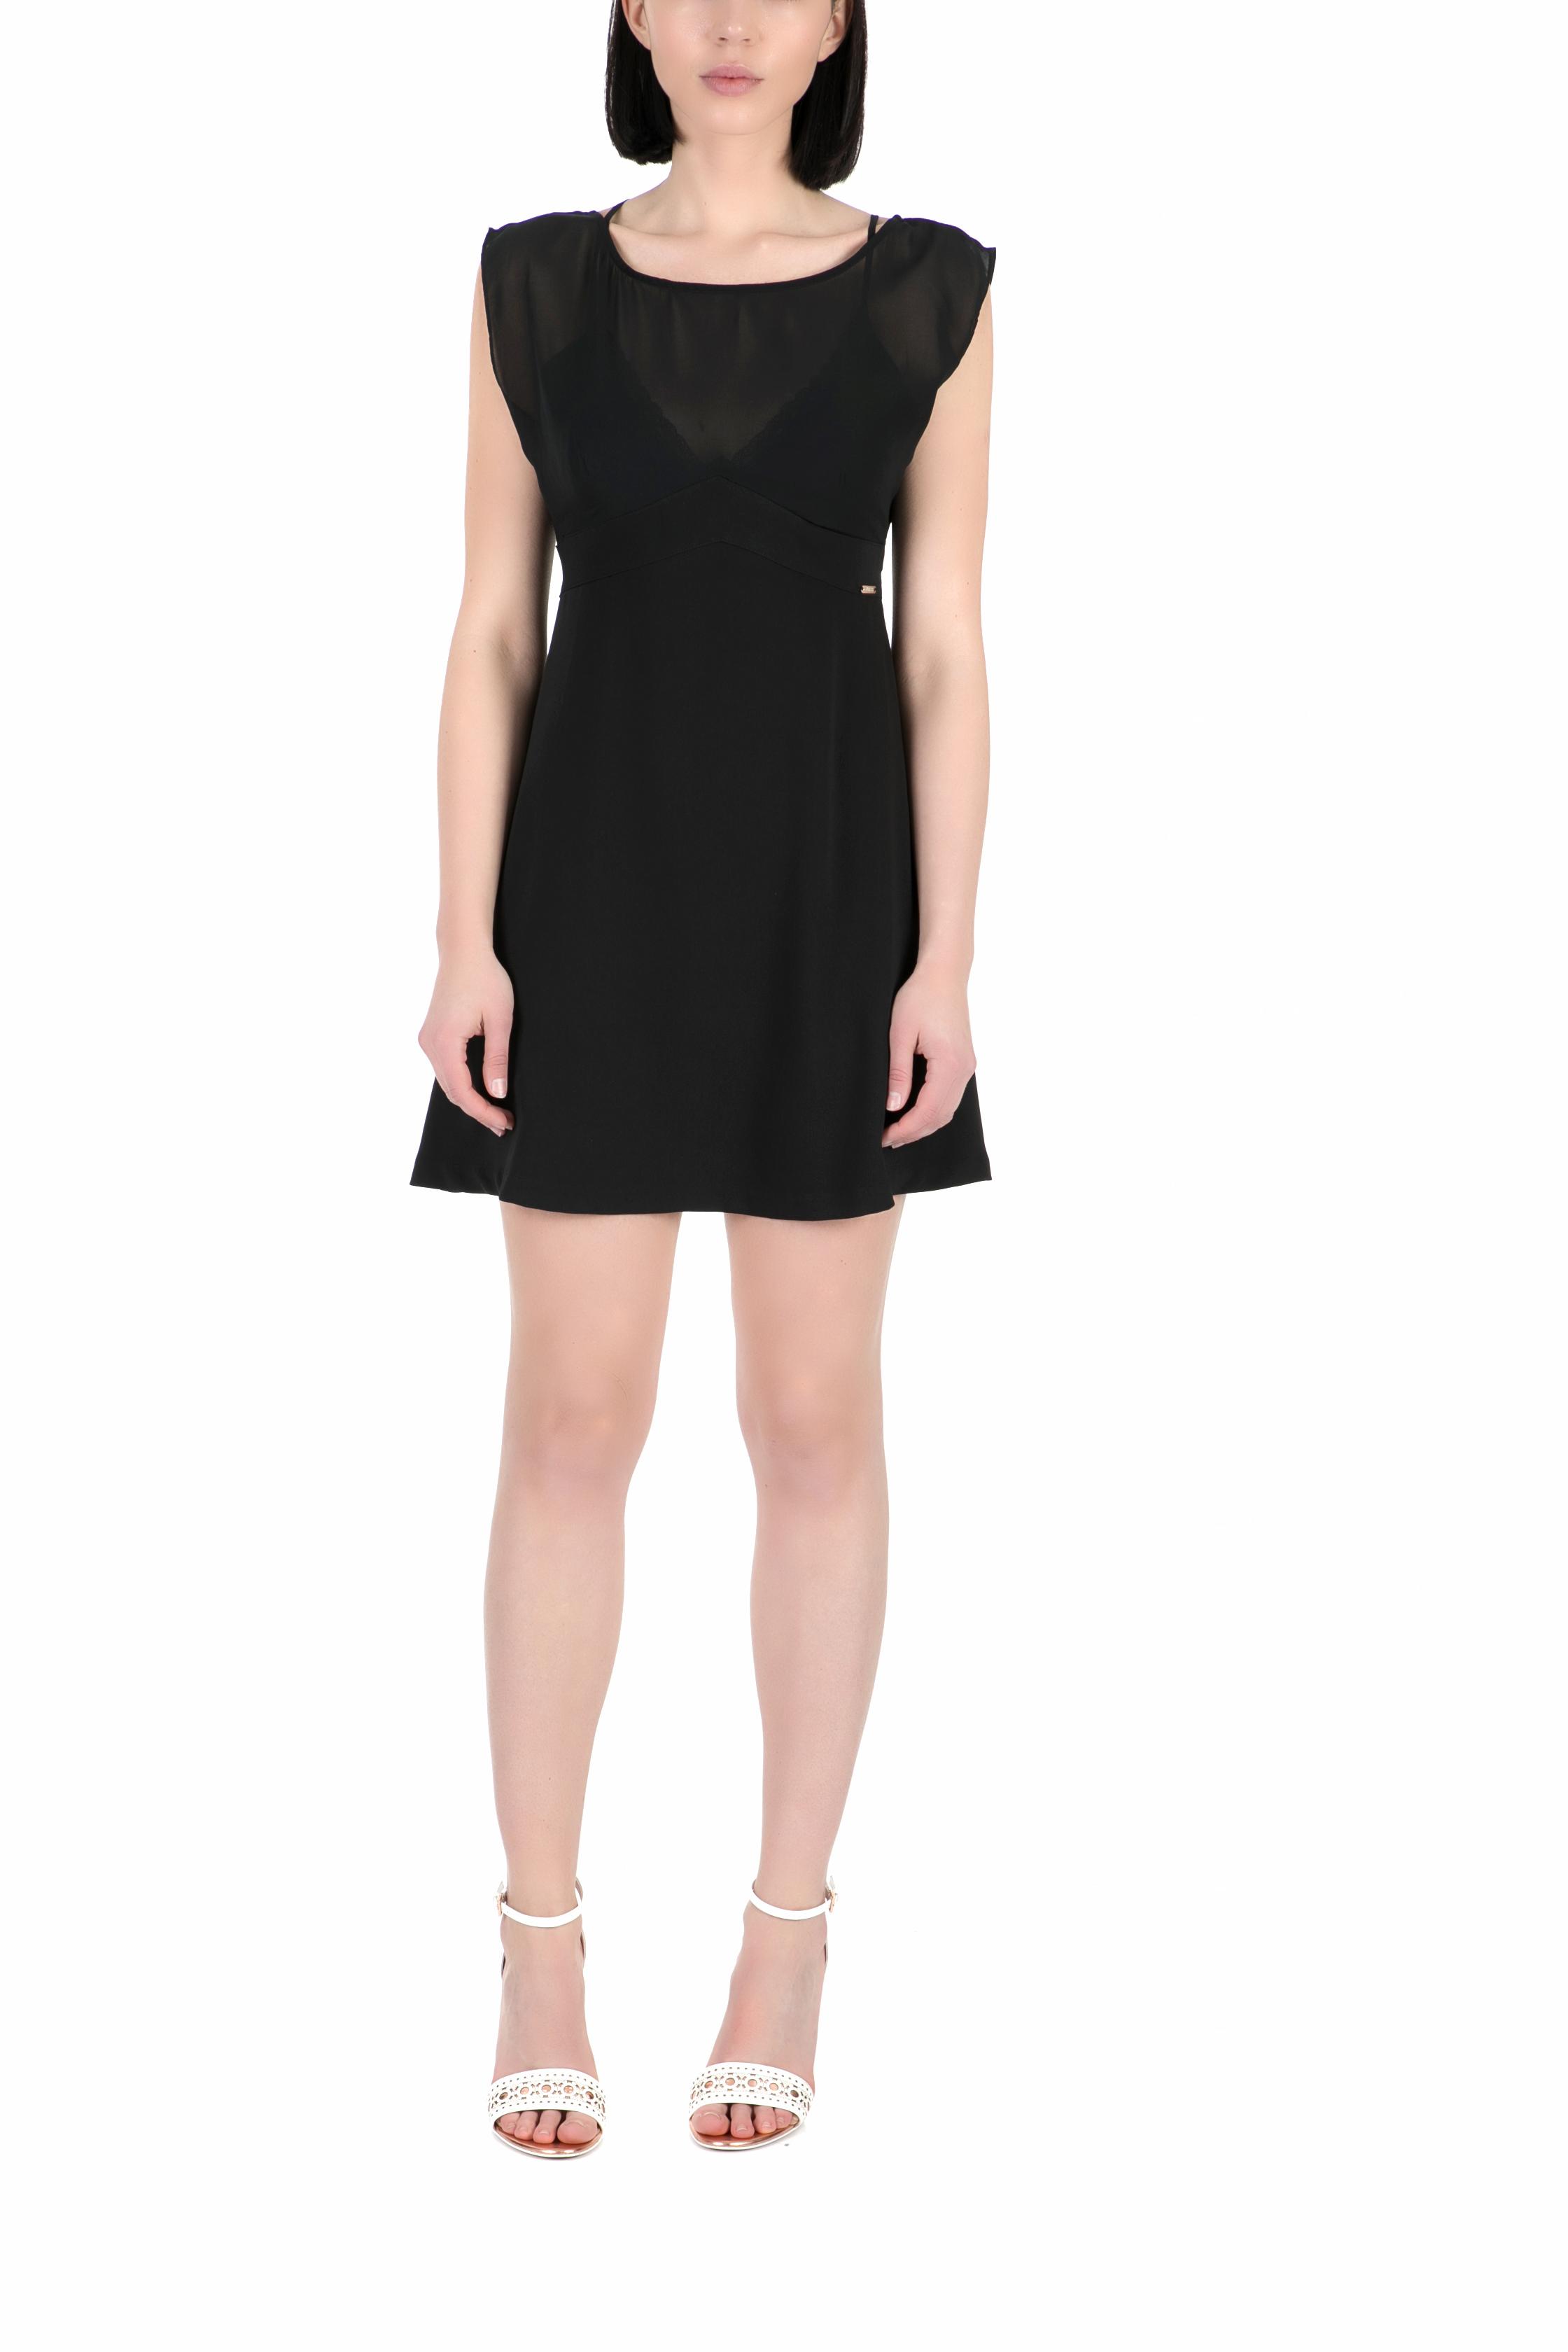 GUESS - Γυναικείο μίνι φόρεμα Guess IDRIS μαύρο γυναικεία ρούχα φορέματα μίνι